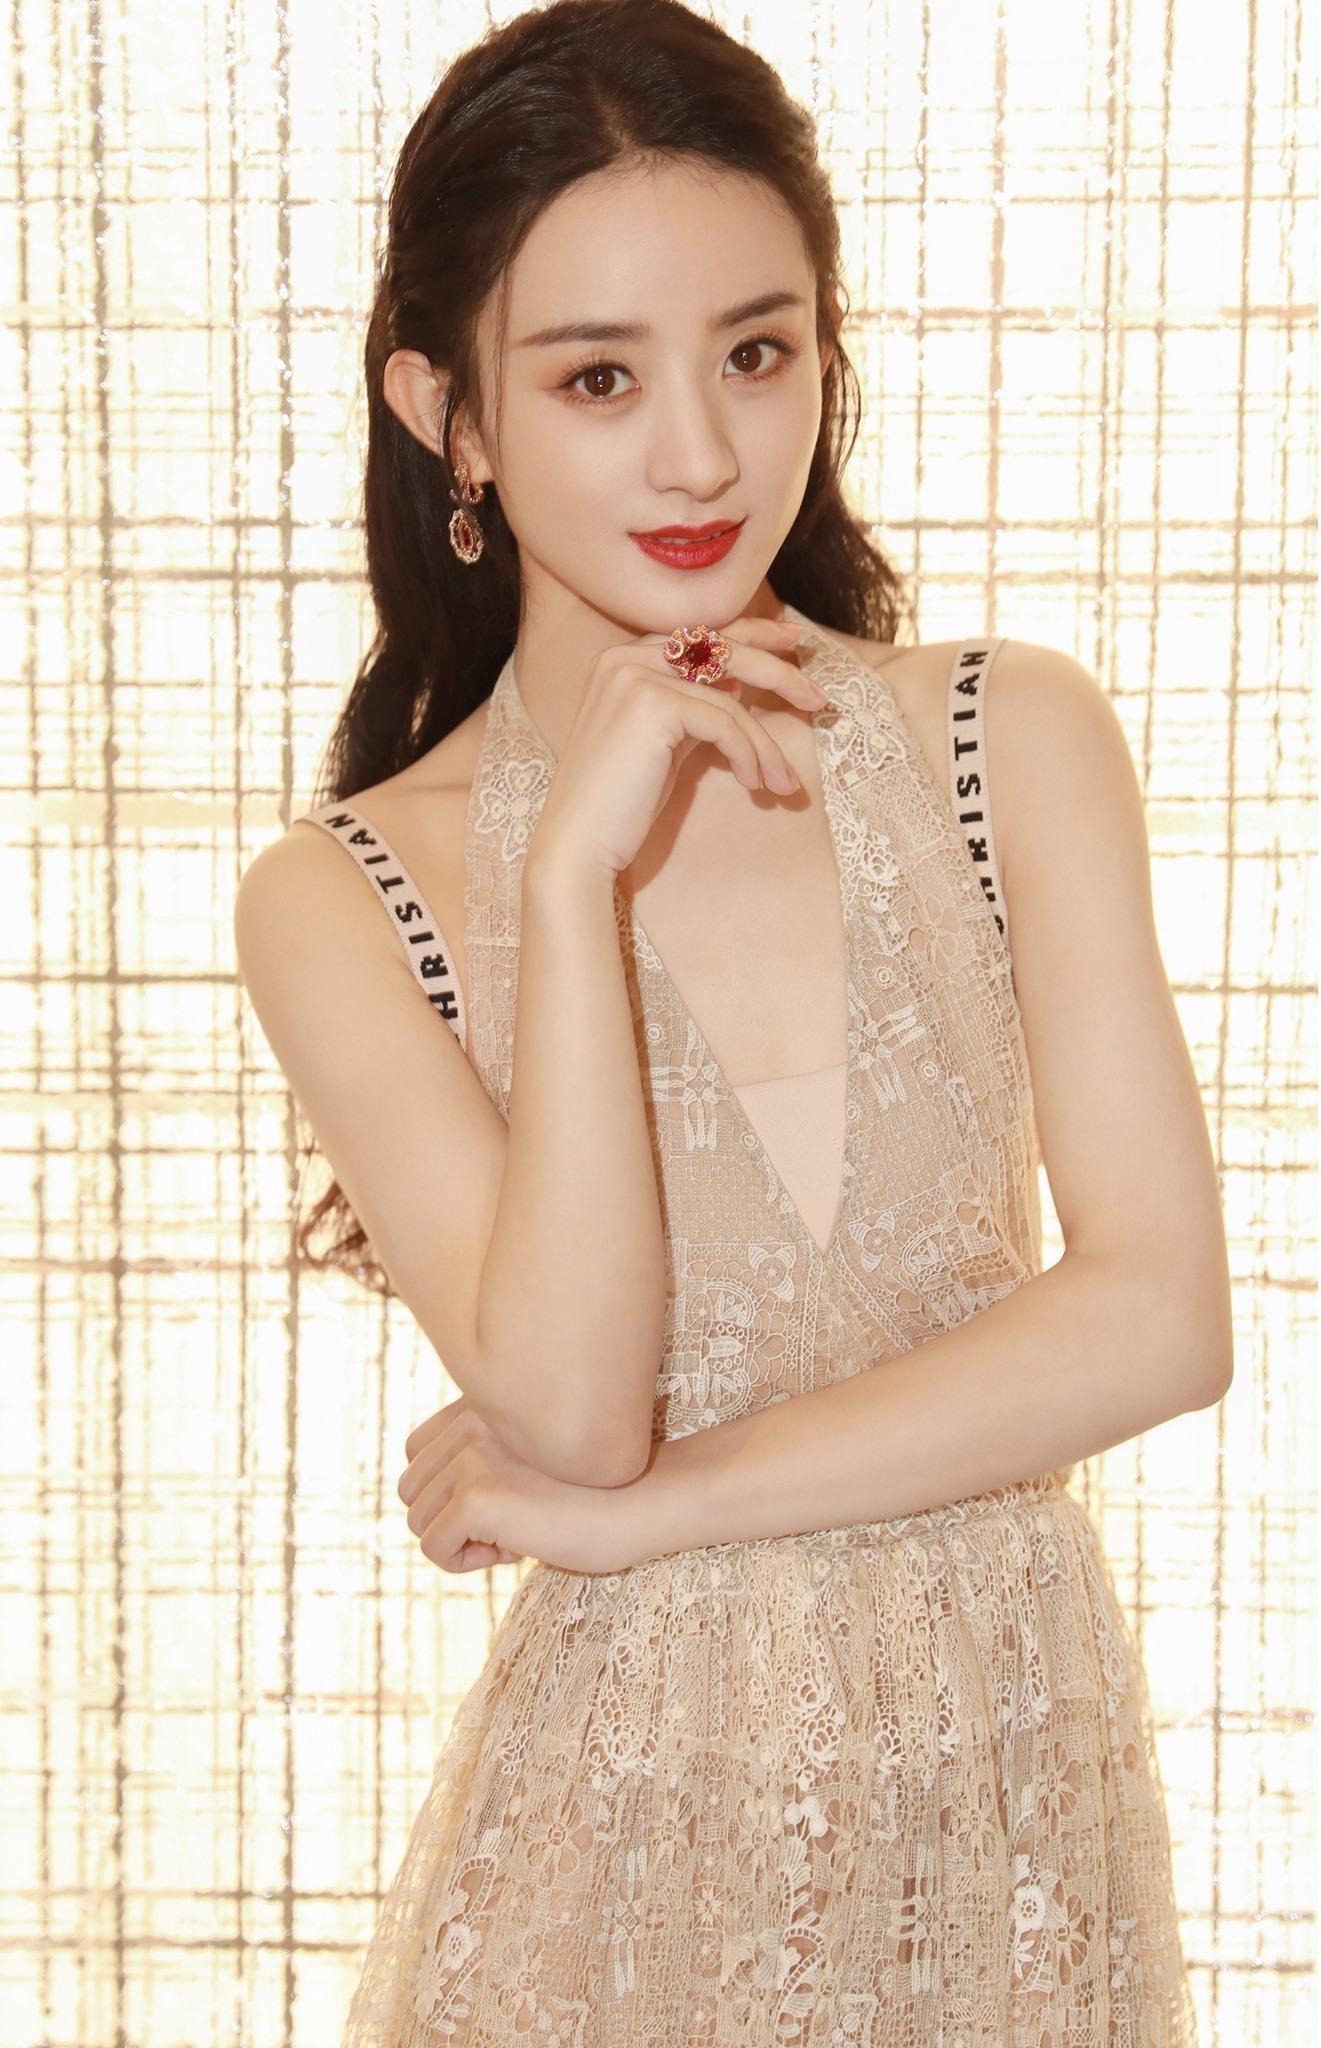 """Lai lịch khó ngờ của bộ váy lộng lẫy giúp Triệu Lệ Dĩnh thành """"Nữ hoàng đêm hội Bazaar"""" ảnh 1"""